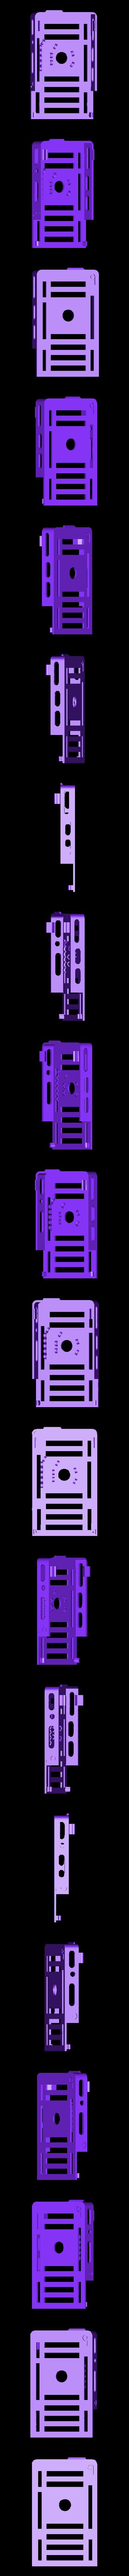 bbNightLTop.stl Télécharger fichier STL gratuit badBrick - Lumière nocturne à détection de mouvement, kit complet de coque 3D. • Plan à imprimer en 3D, Lassaalk